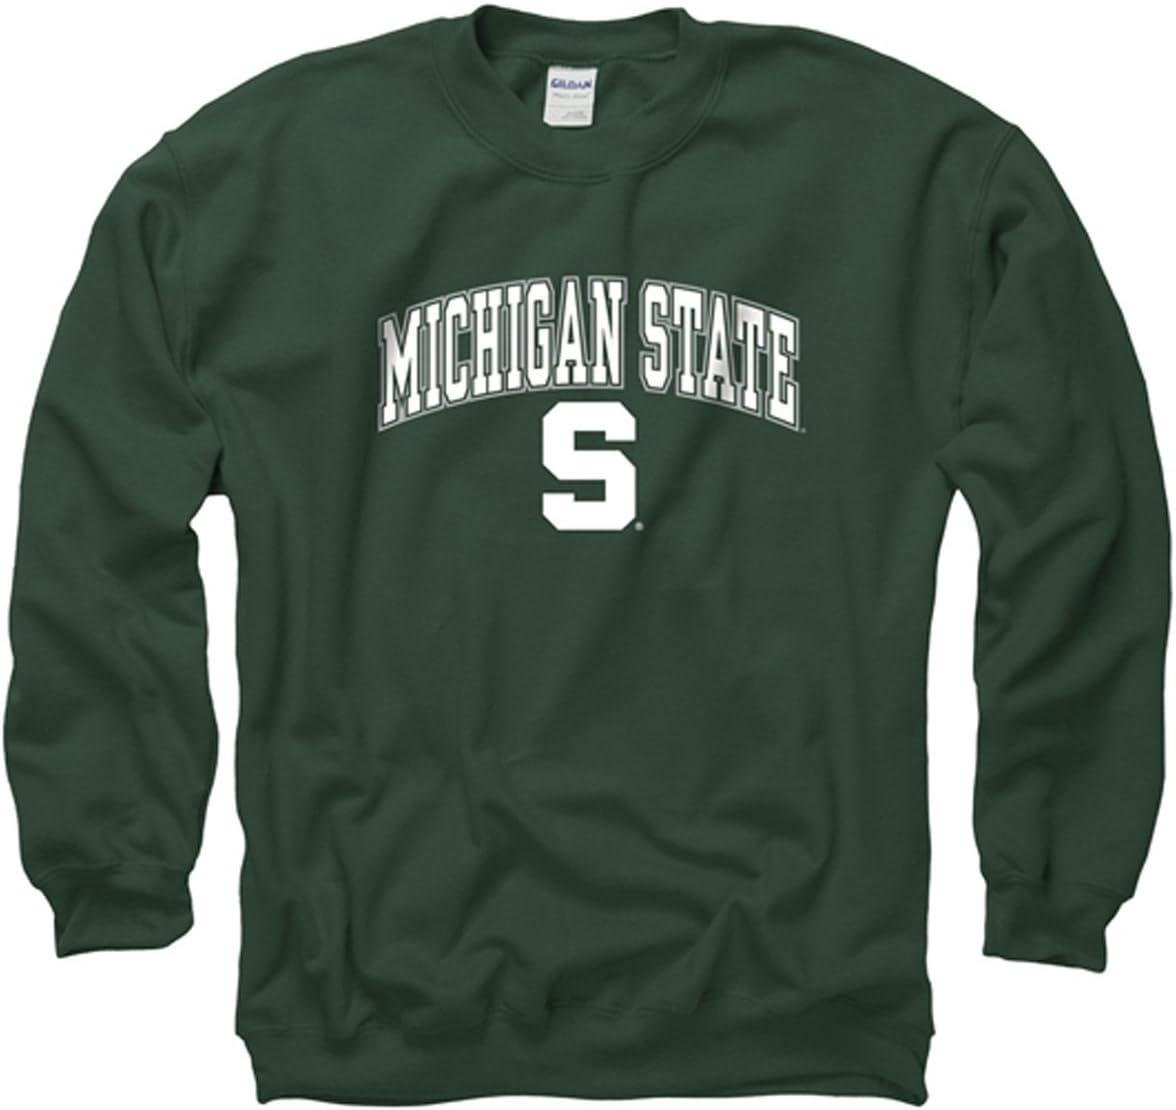 Campus Colors Campus Farben Michigan State Spartans Erwachsenen Arch /& Logo Gameday Crewneck Sweatshirt Gr/ün,